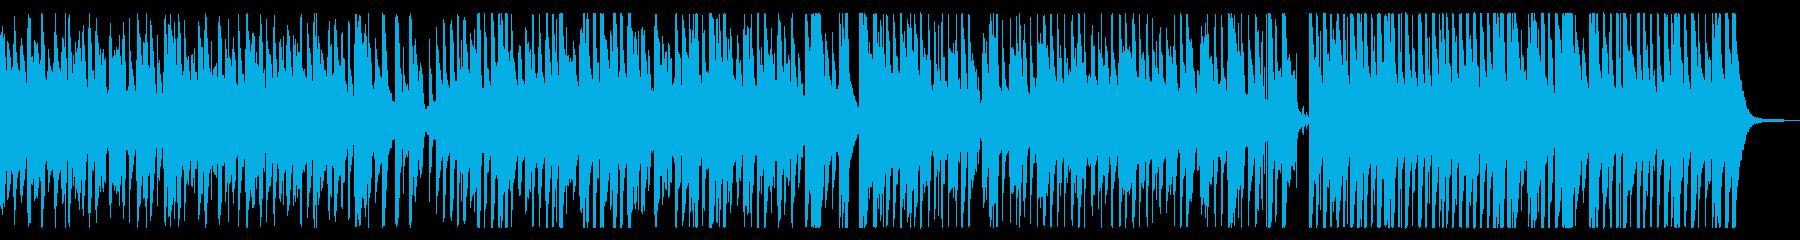 民族音楽風、哀愁漂うコミカル日常BGMの再生済みの波形